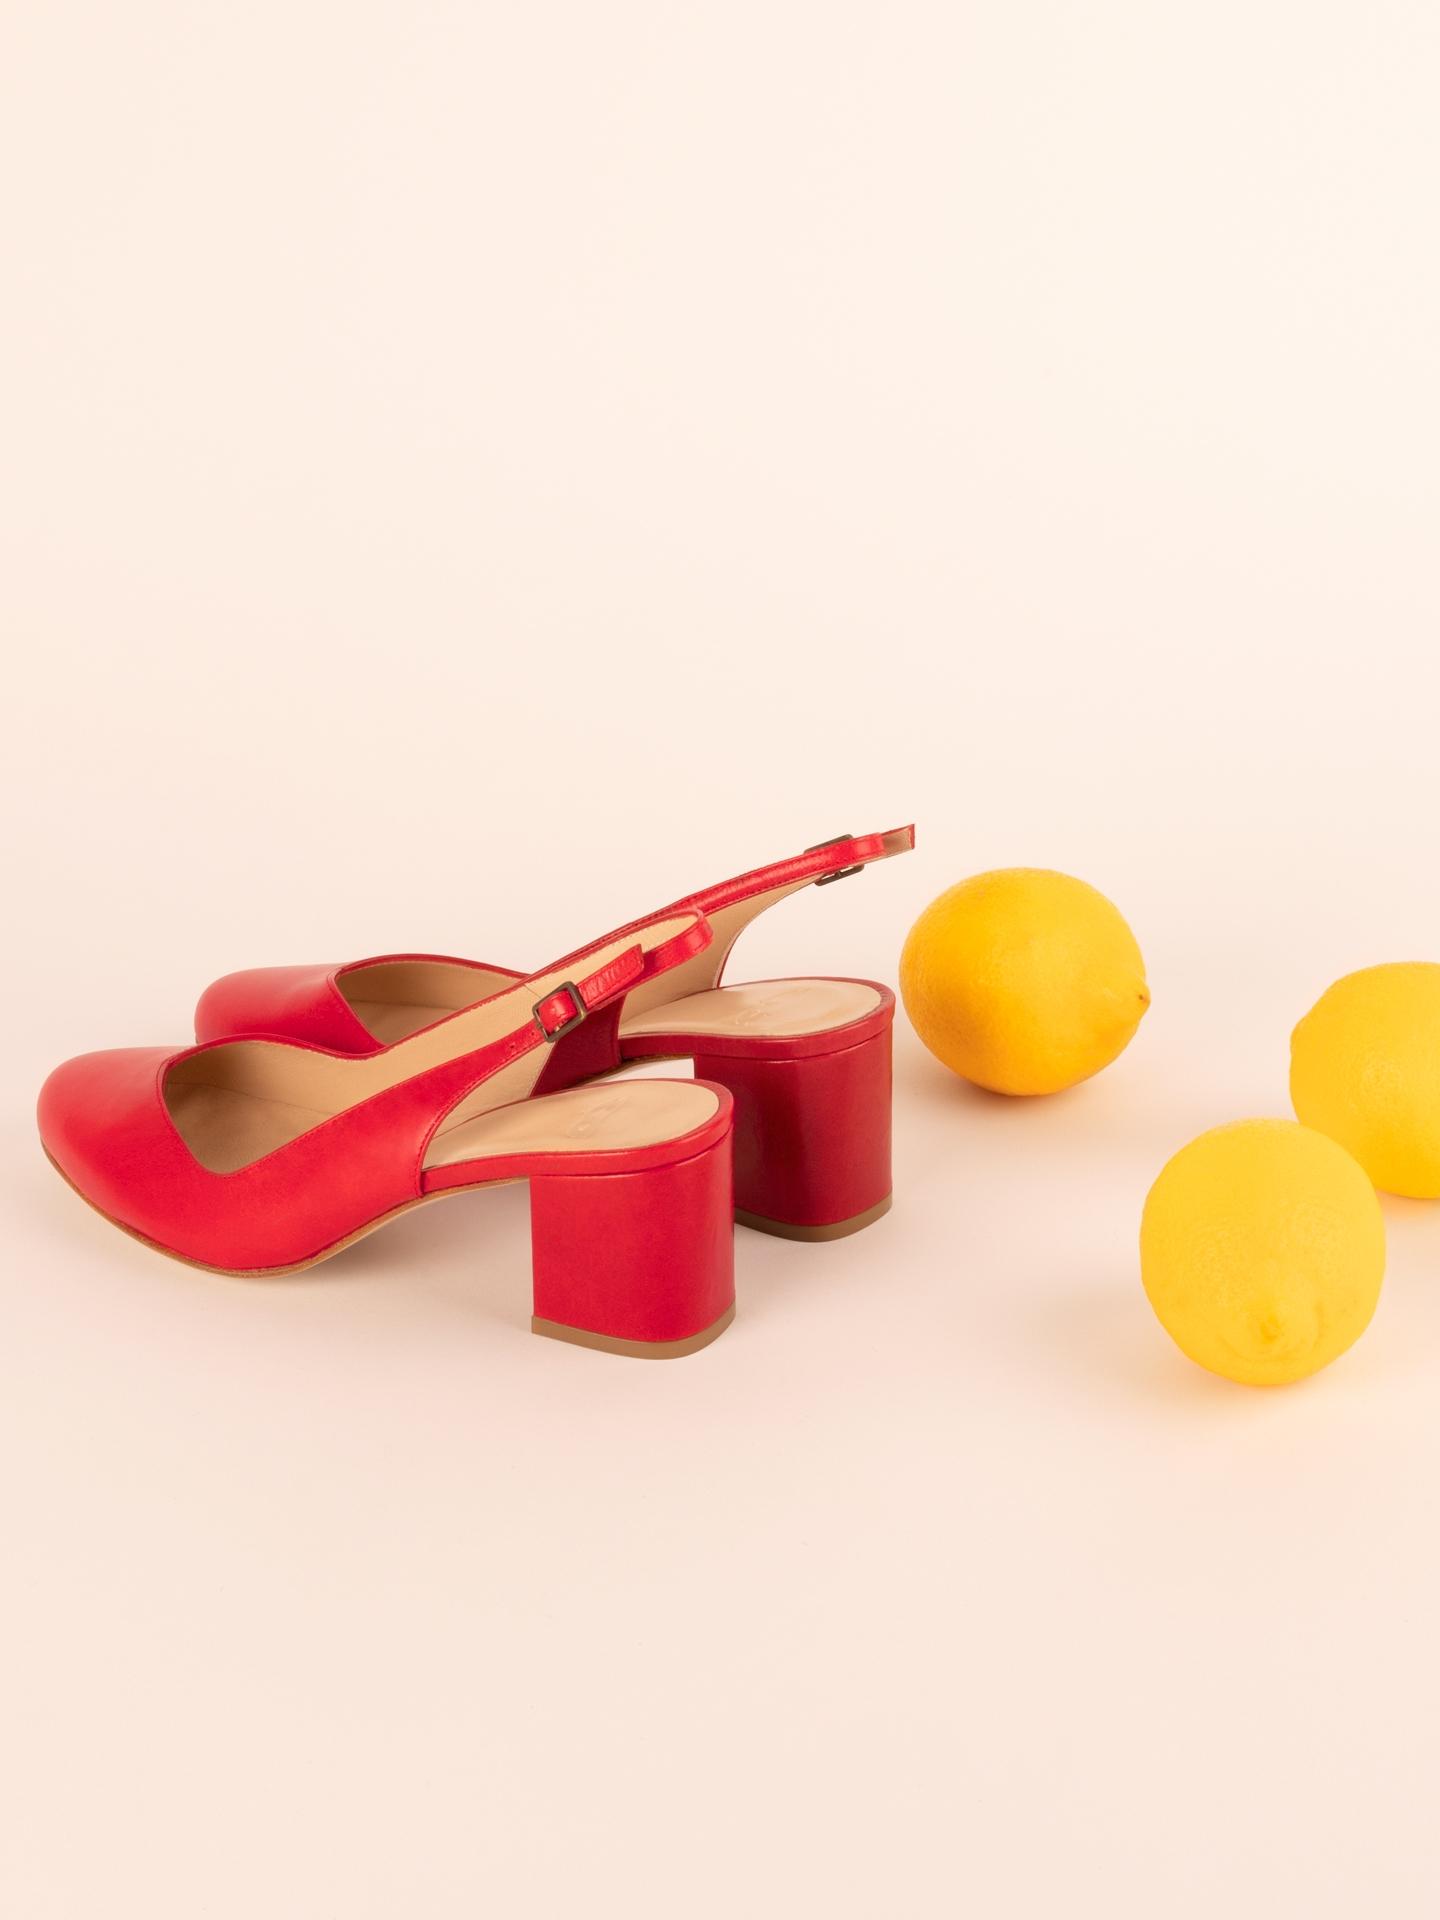 Ballerines Zolies rouge